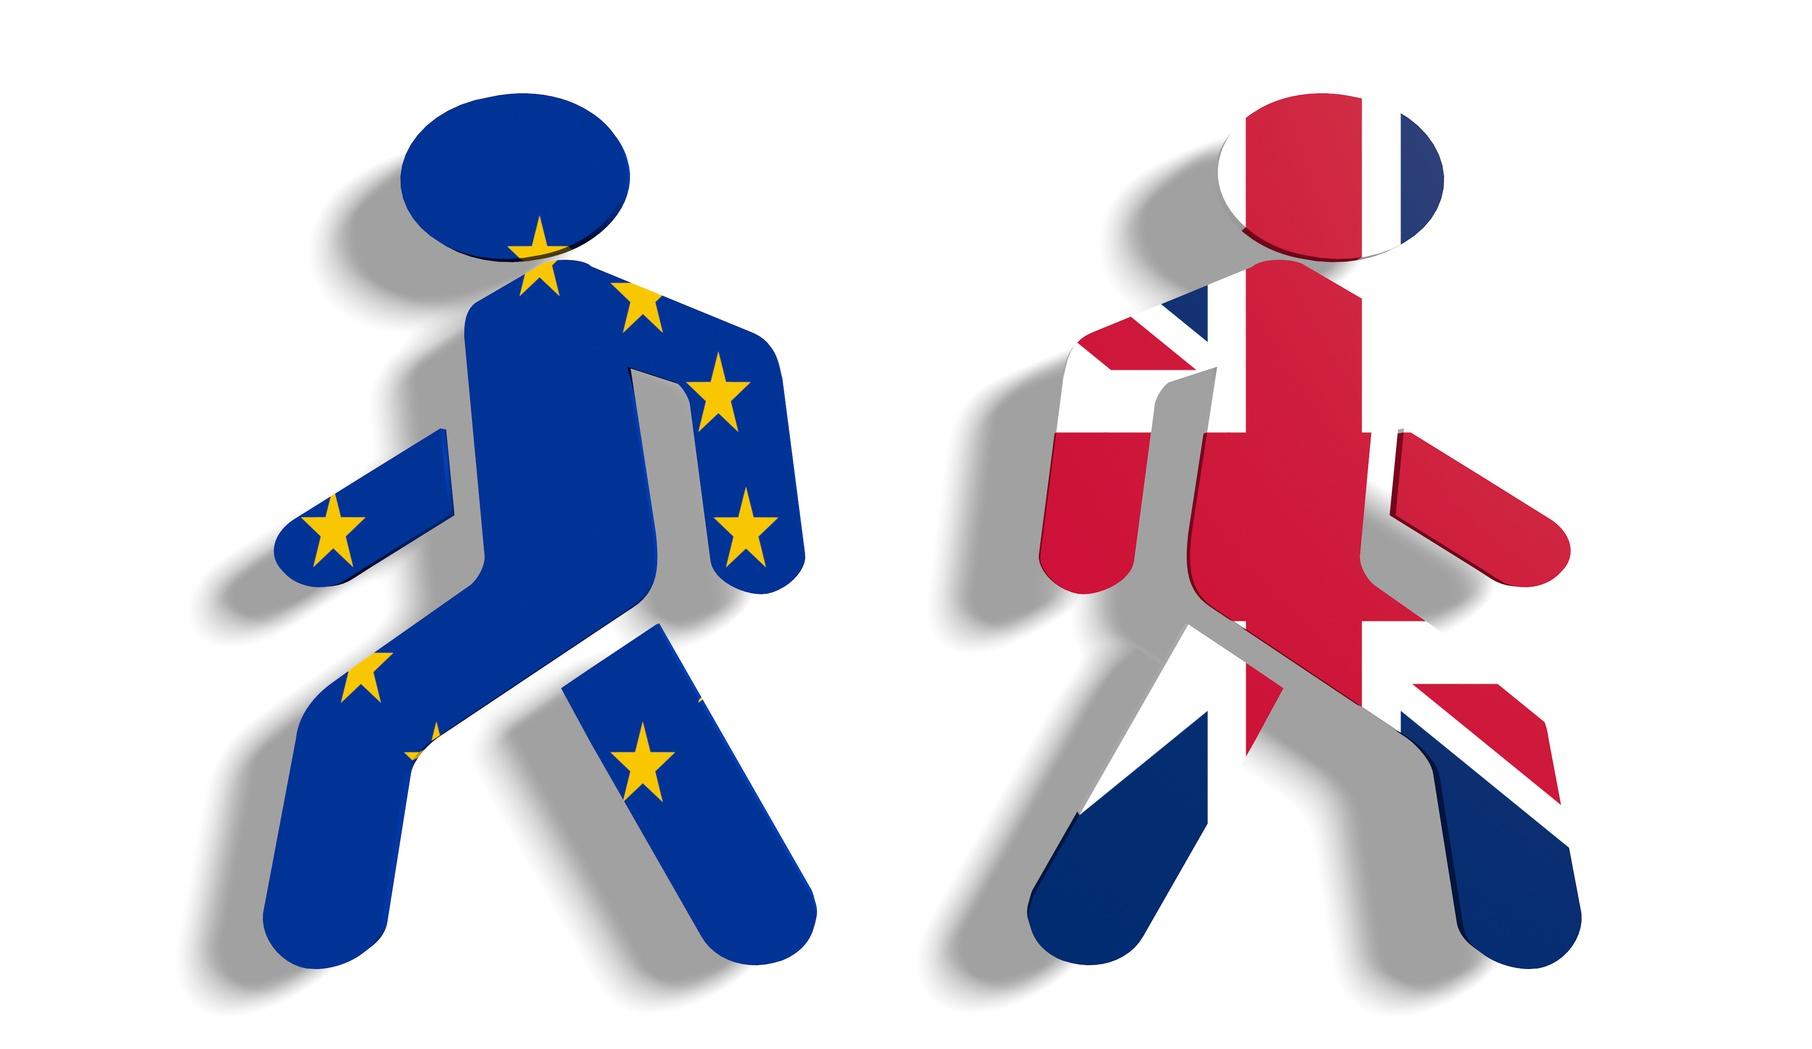 Imagem simbólica do Brexit de Alex Edmans